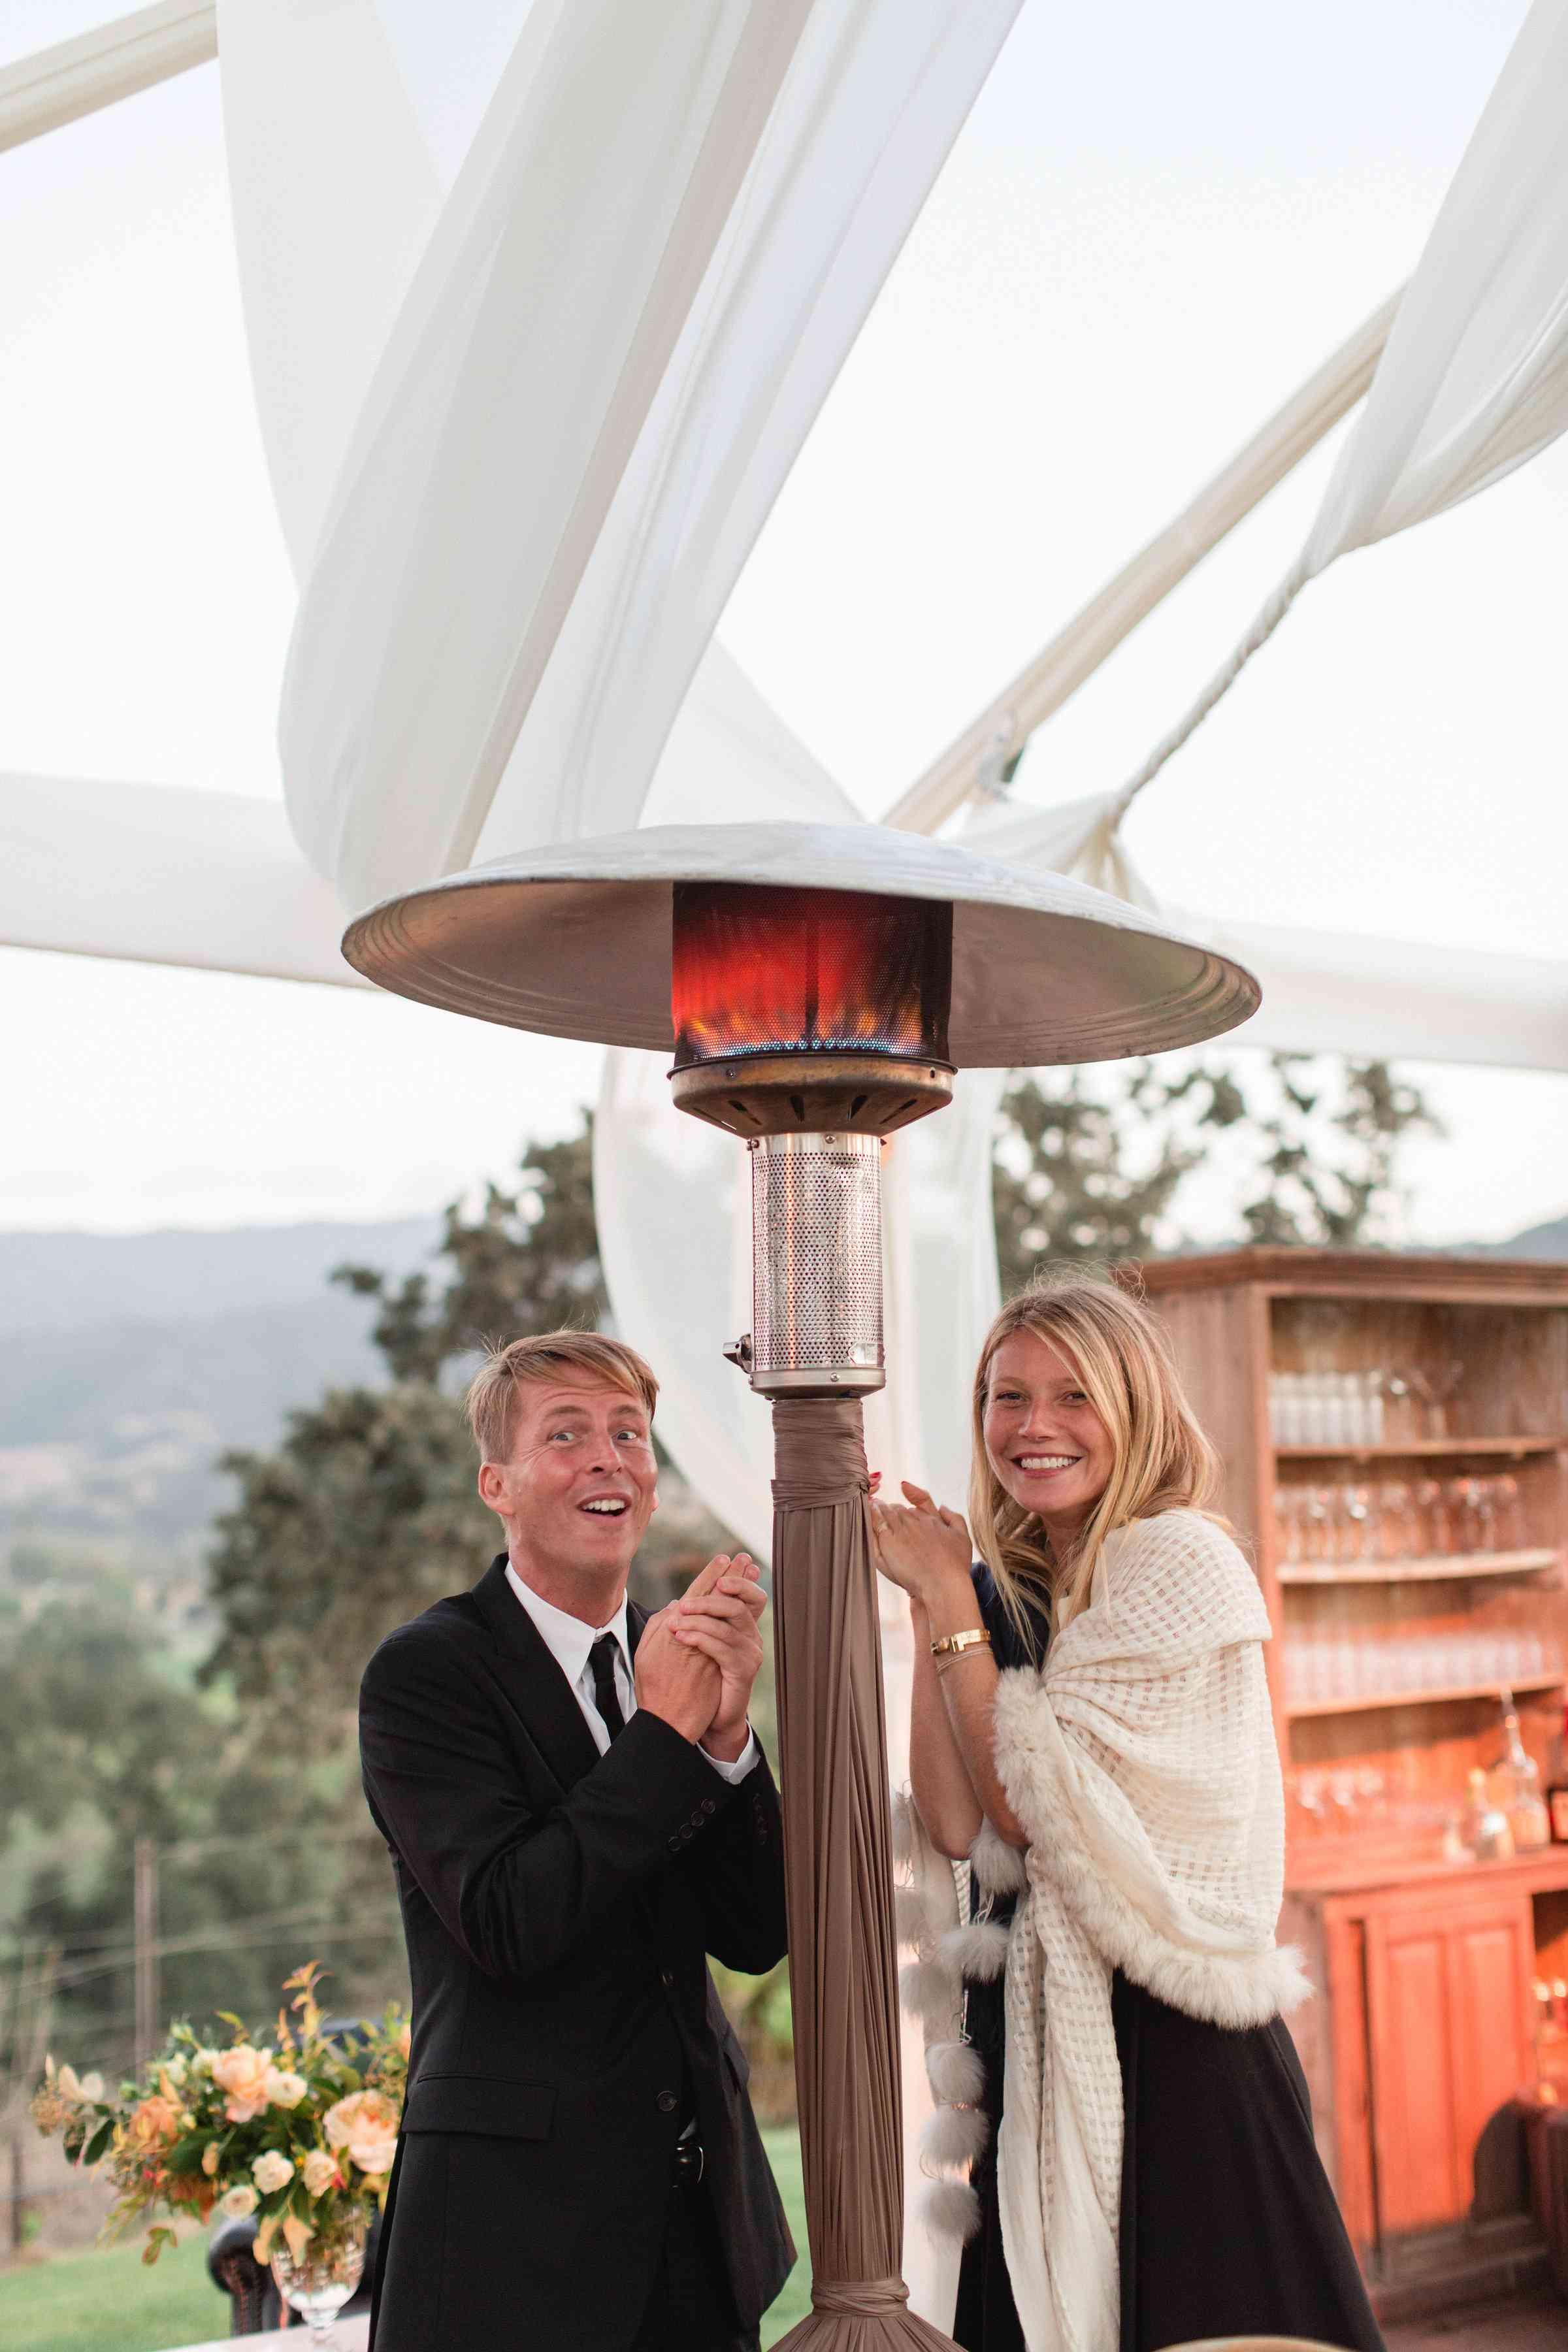 Gwyneth Paltrow under a heat lamp